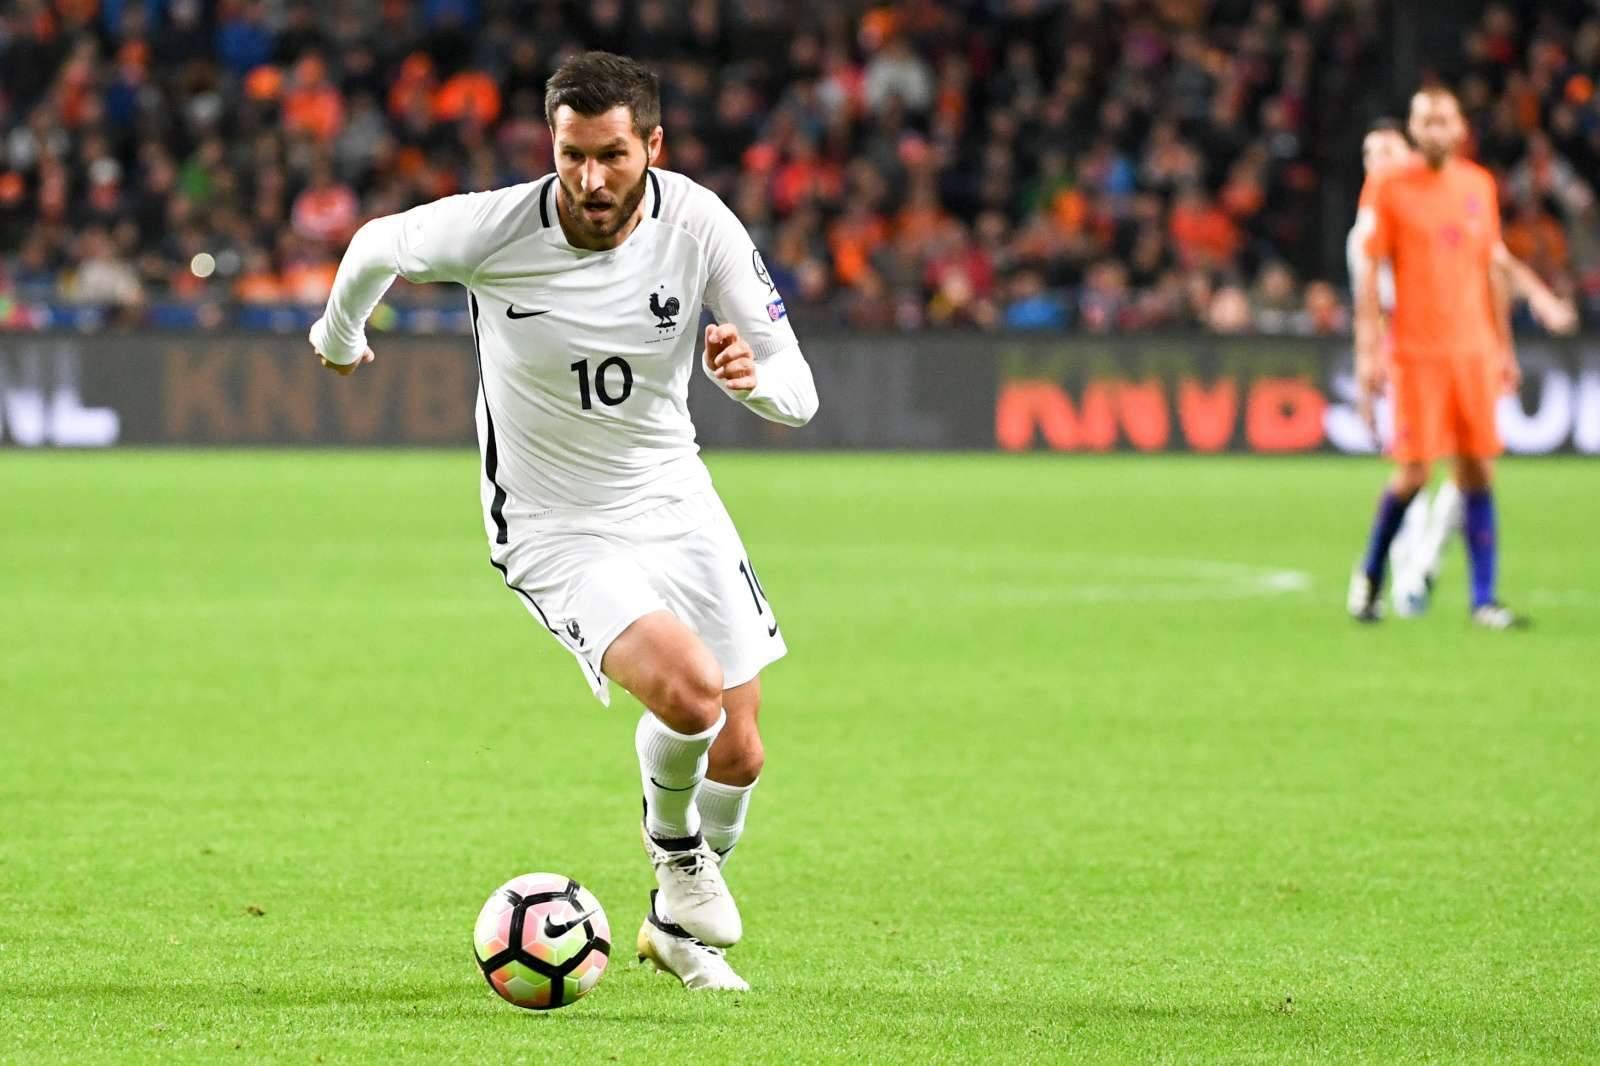 Голы Жиньяка трижды мешали сборной ЮАР обыграть Францию